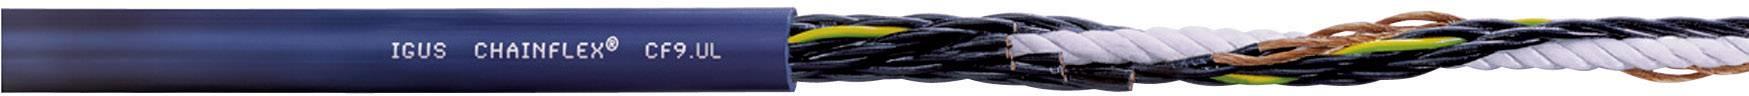 Řídicí kabelové vedení igus Chainflex® (CF9.05.05), 5x 0,5 mm², Ø 6,0 mm, 1 m, modrá